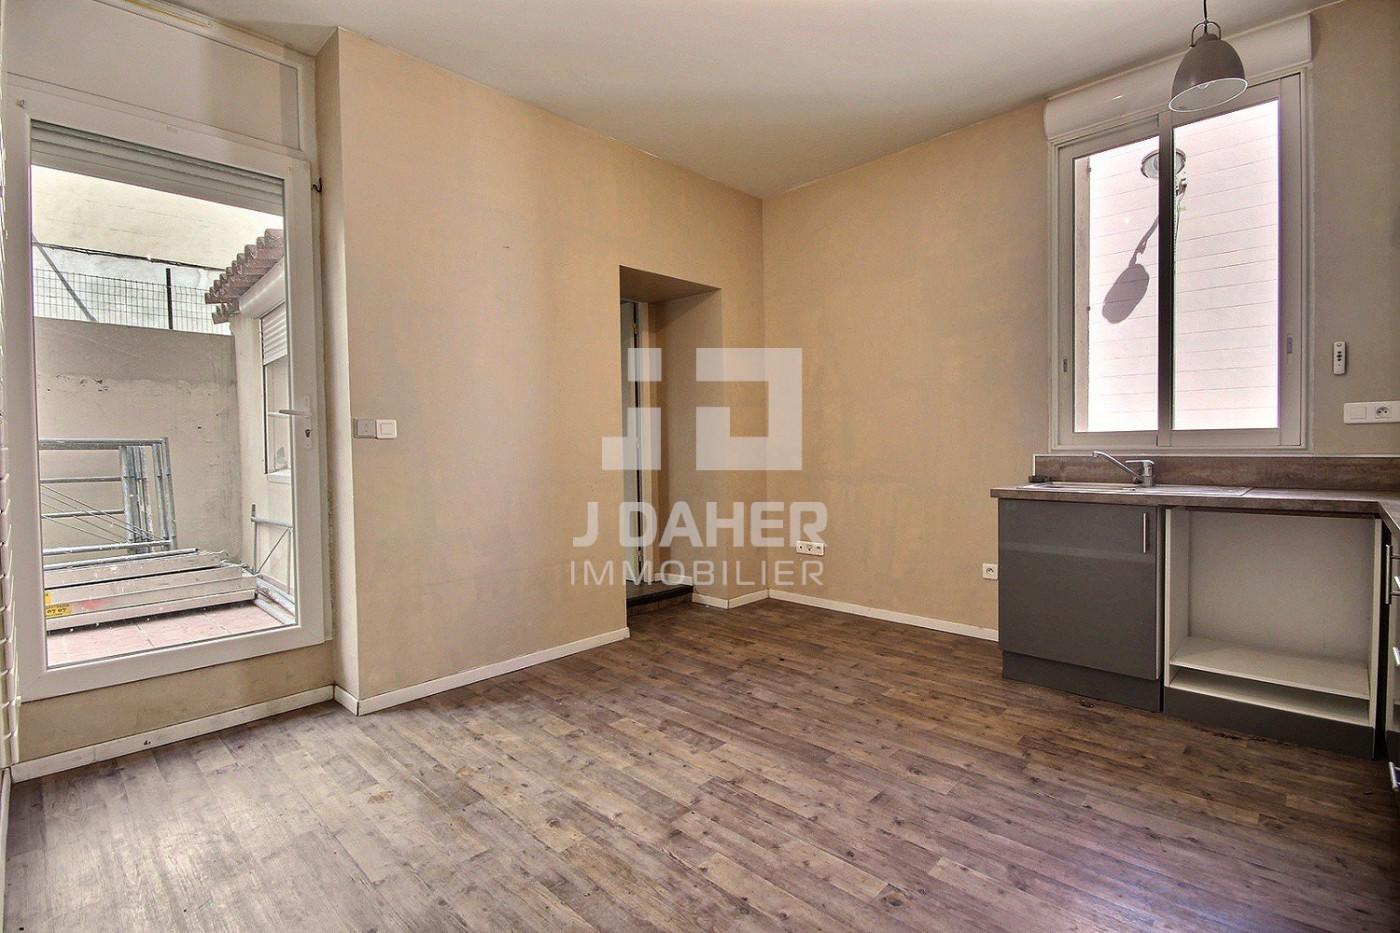 A vendre Marseille 6eme Arrondissement 13025897 J daher immobilier